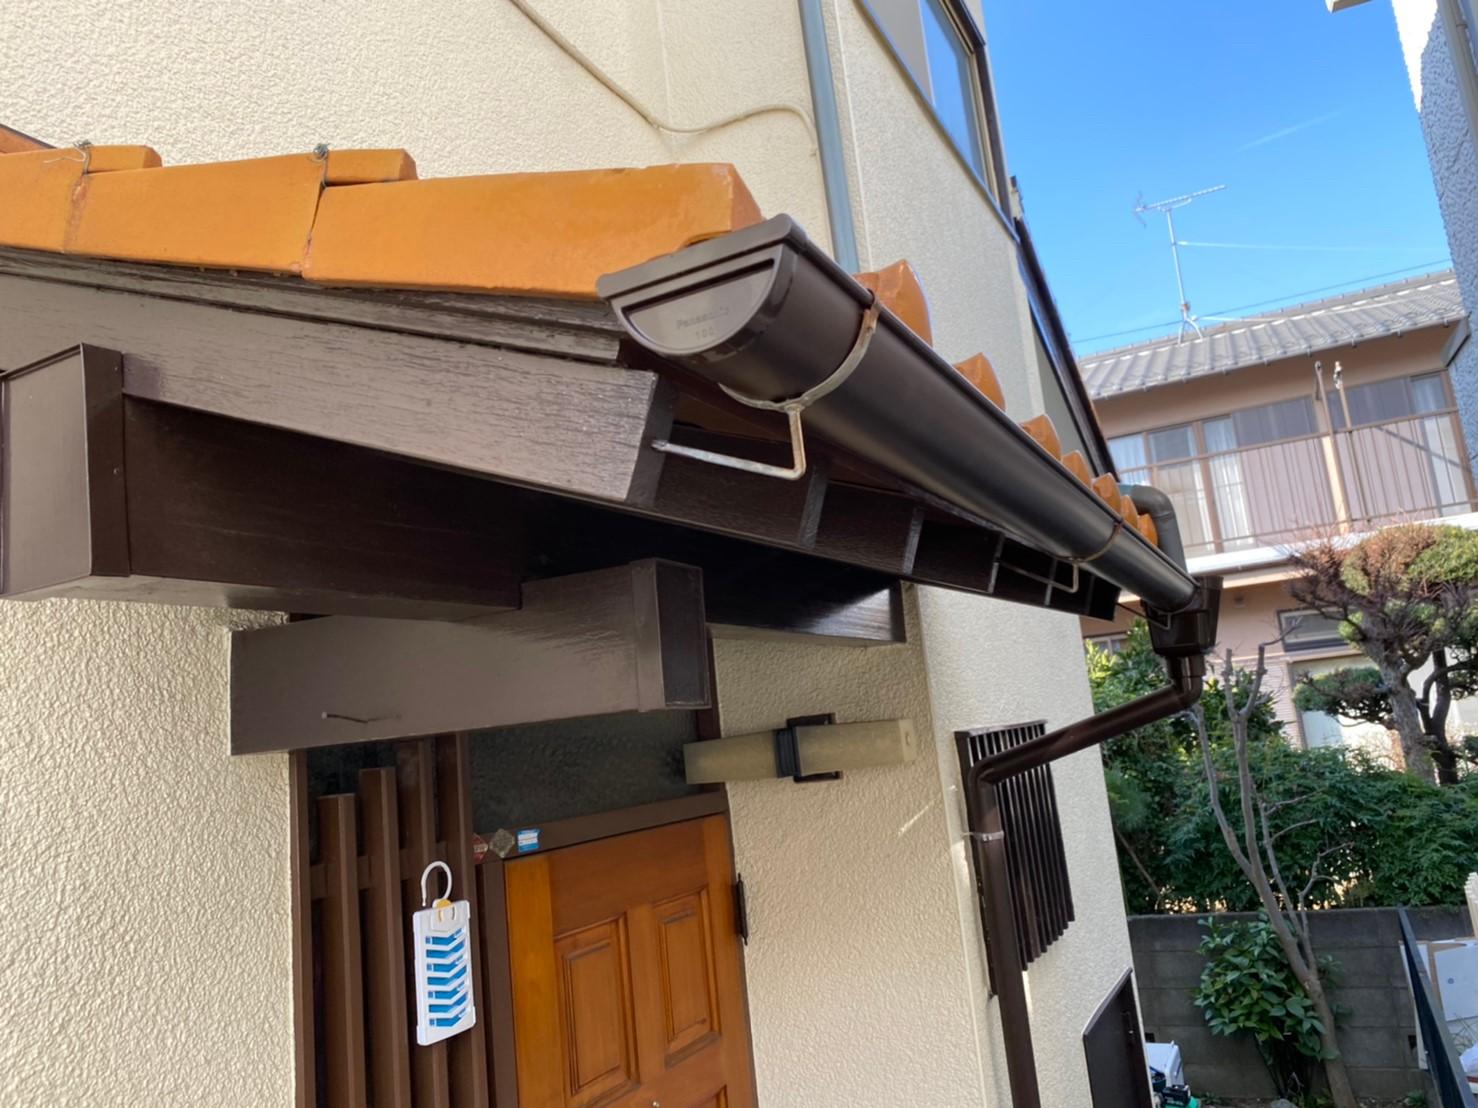 東京都日野市にて雨樋交換工事を実施!ご自宅の修繕はハートホームにお任せを!